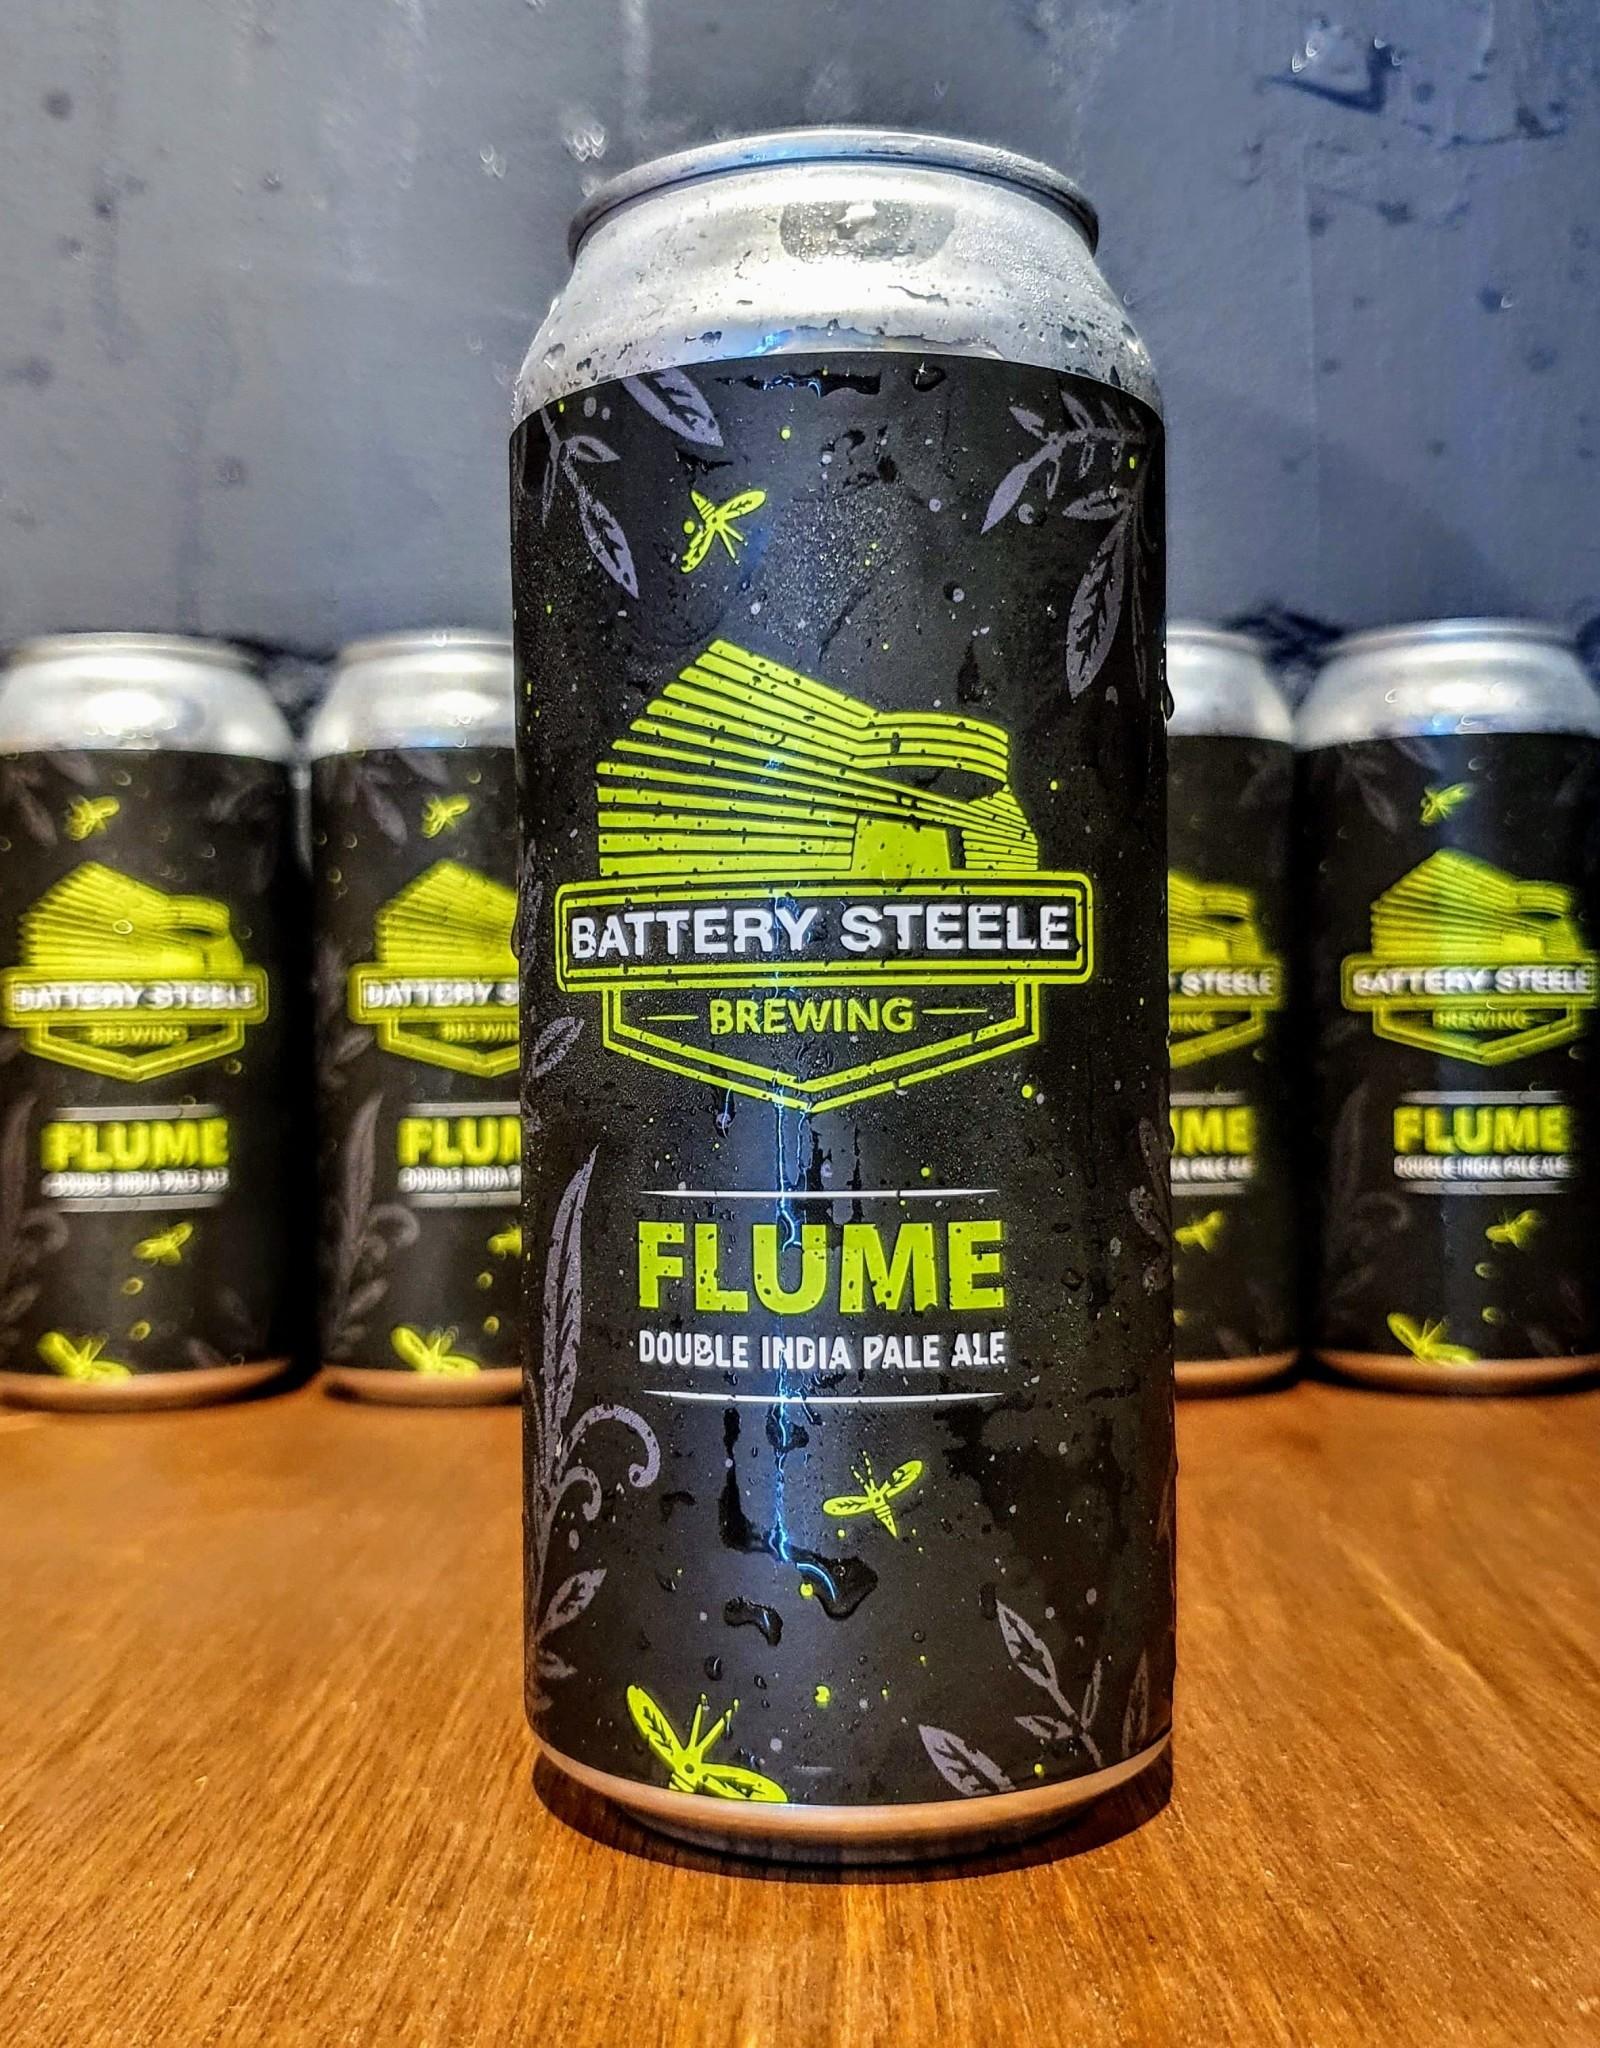 battery steel Battery Steele Brewing: Flume